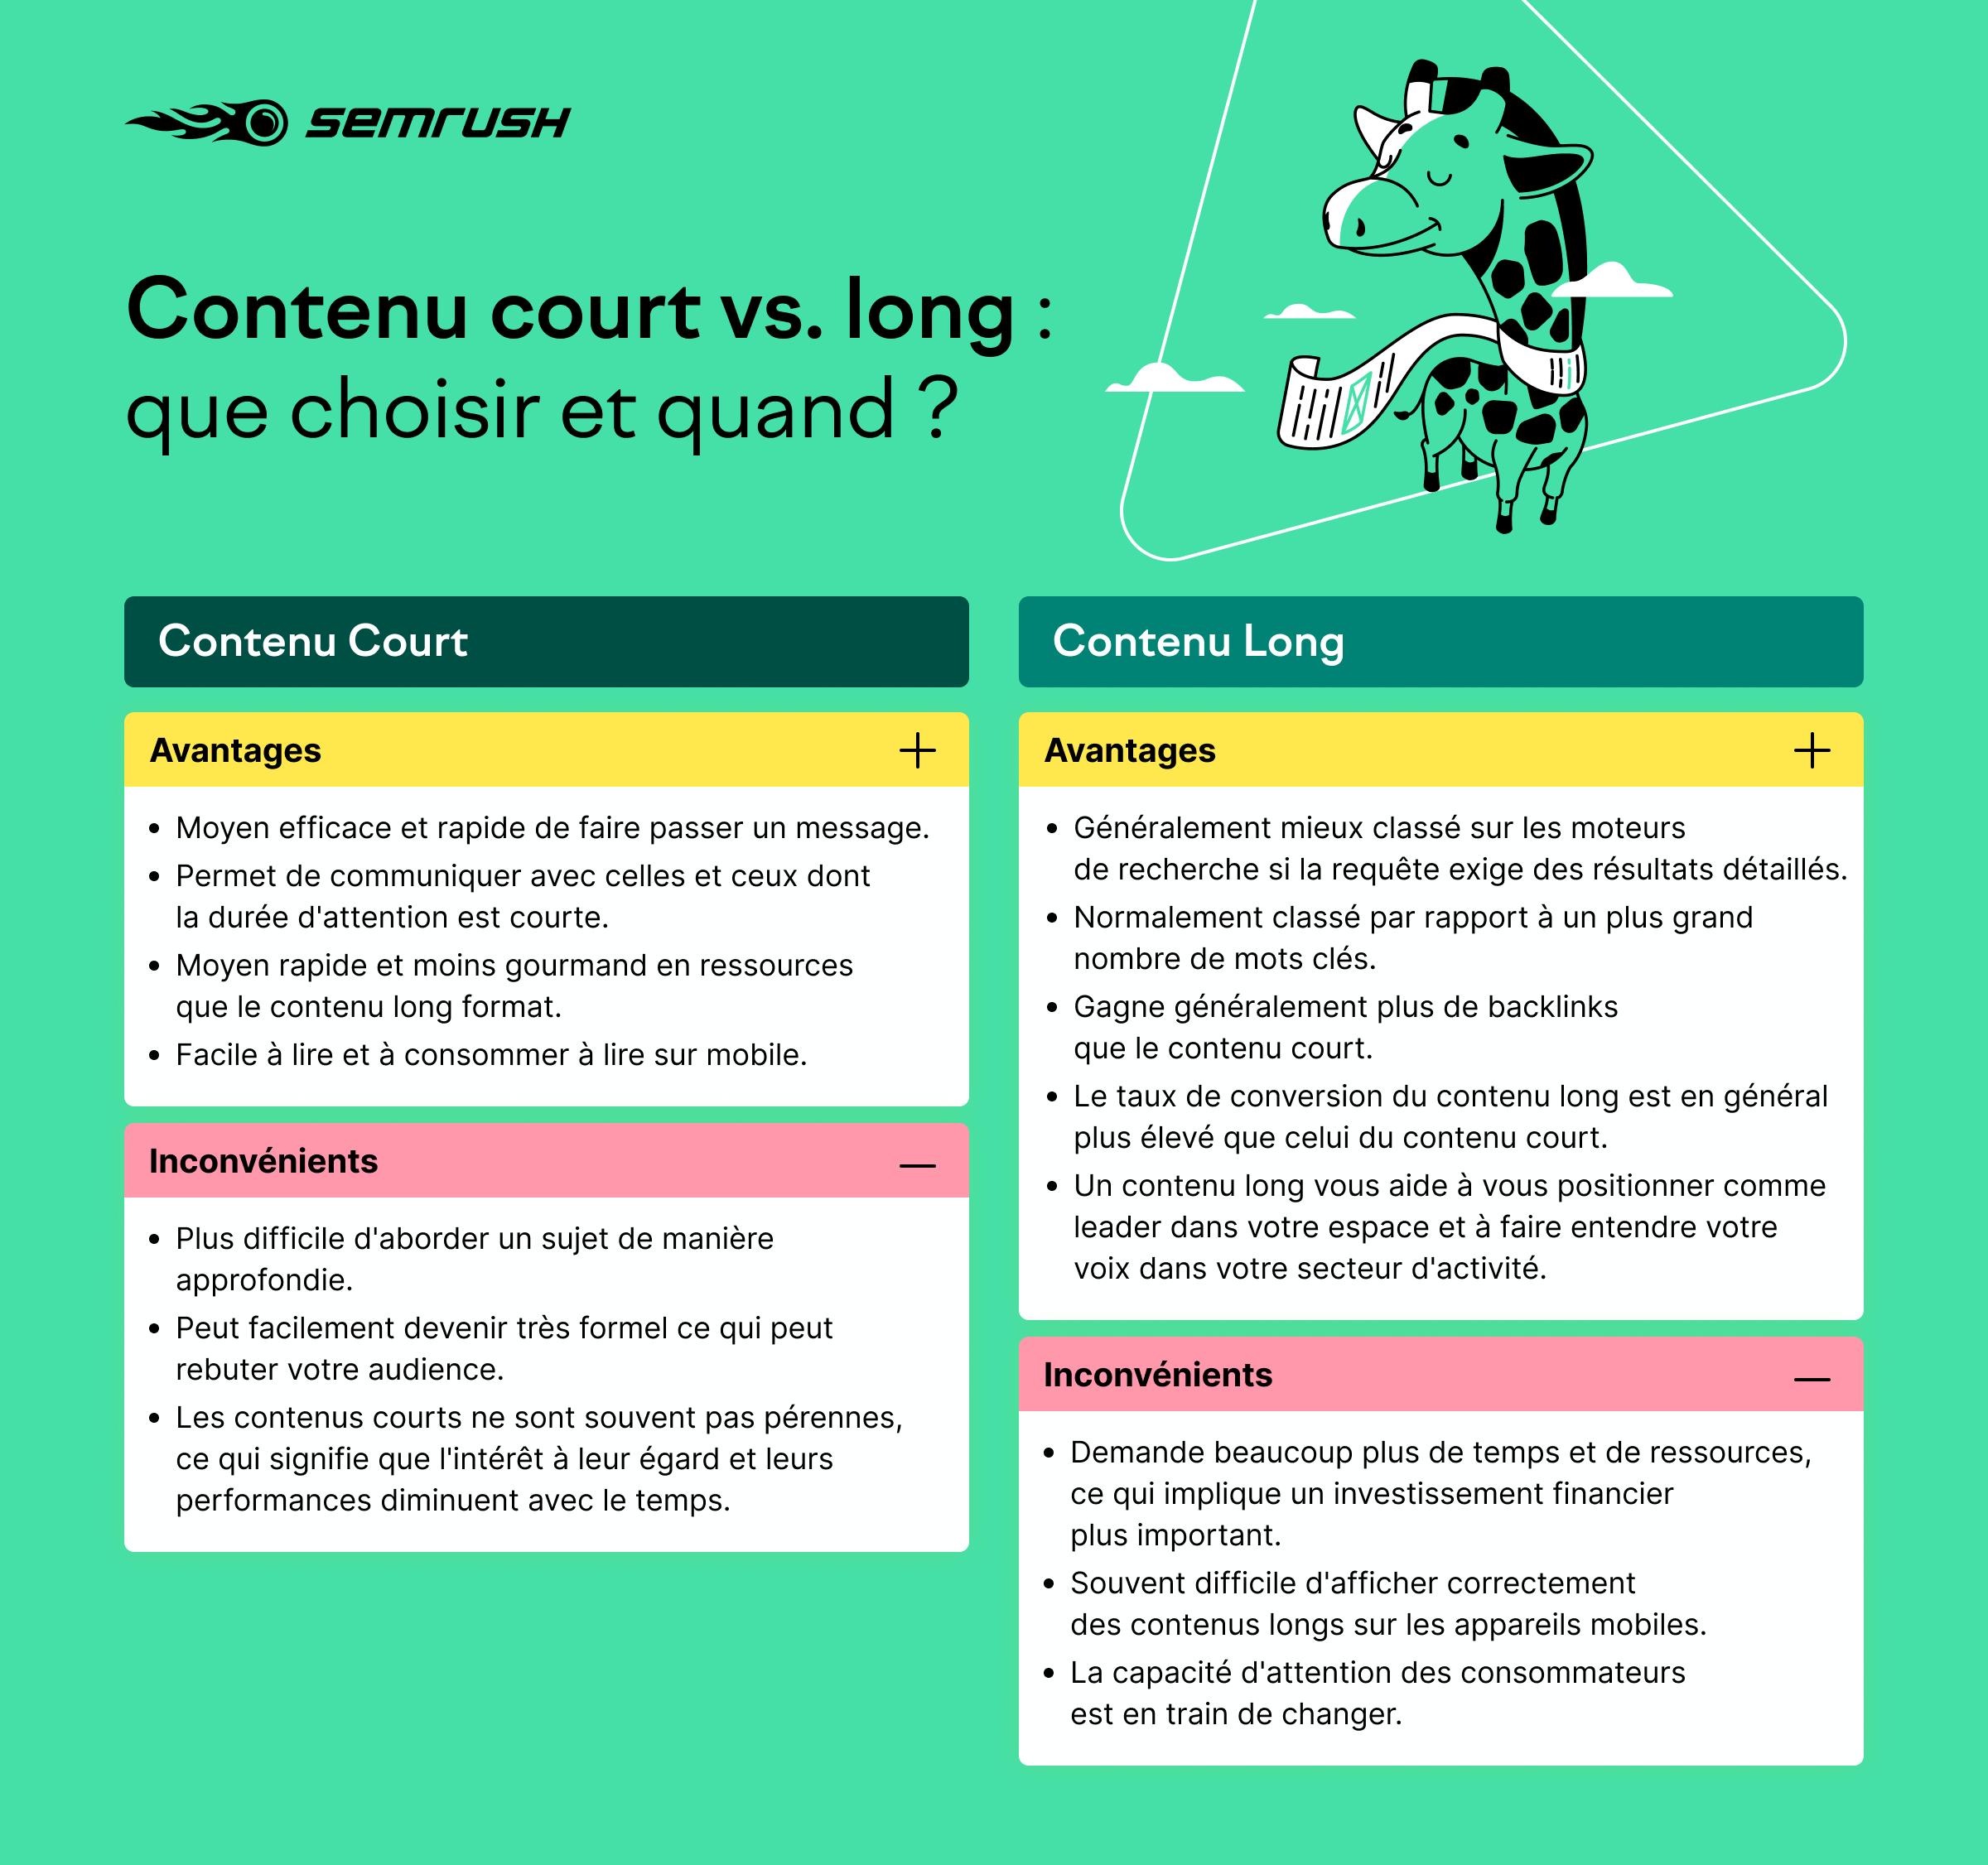 Contenu court vs long : que choisir et quand ?. Image 8